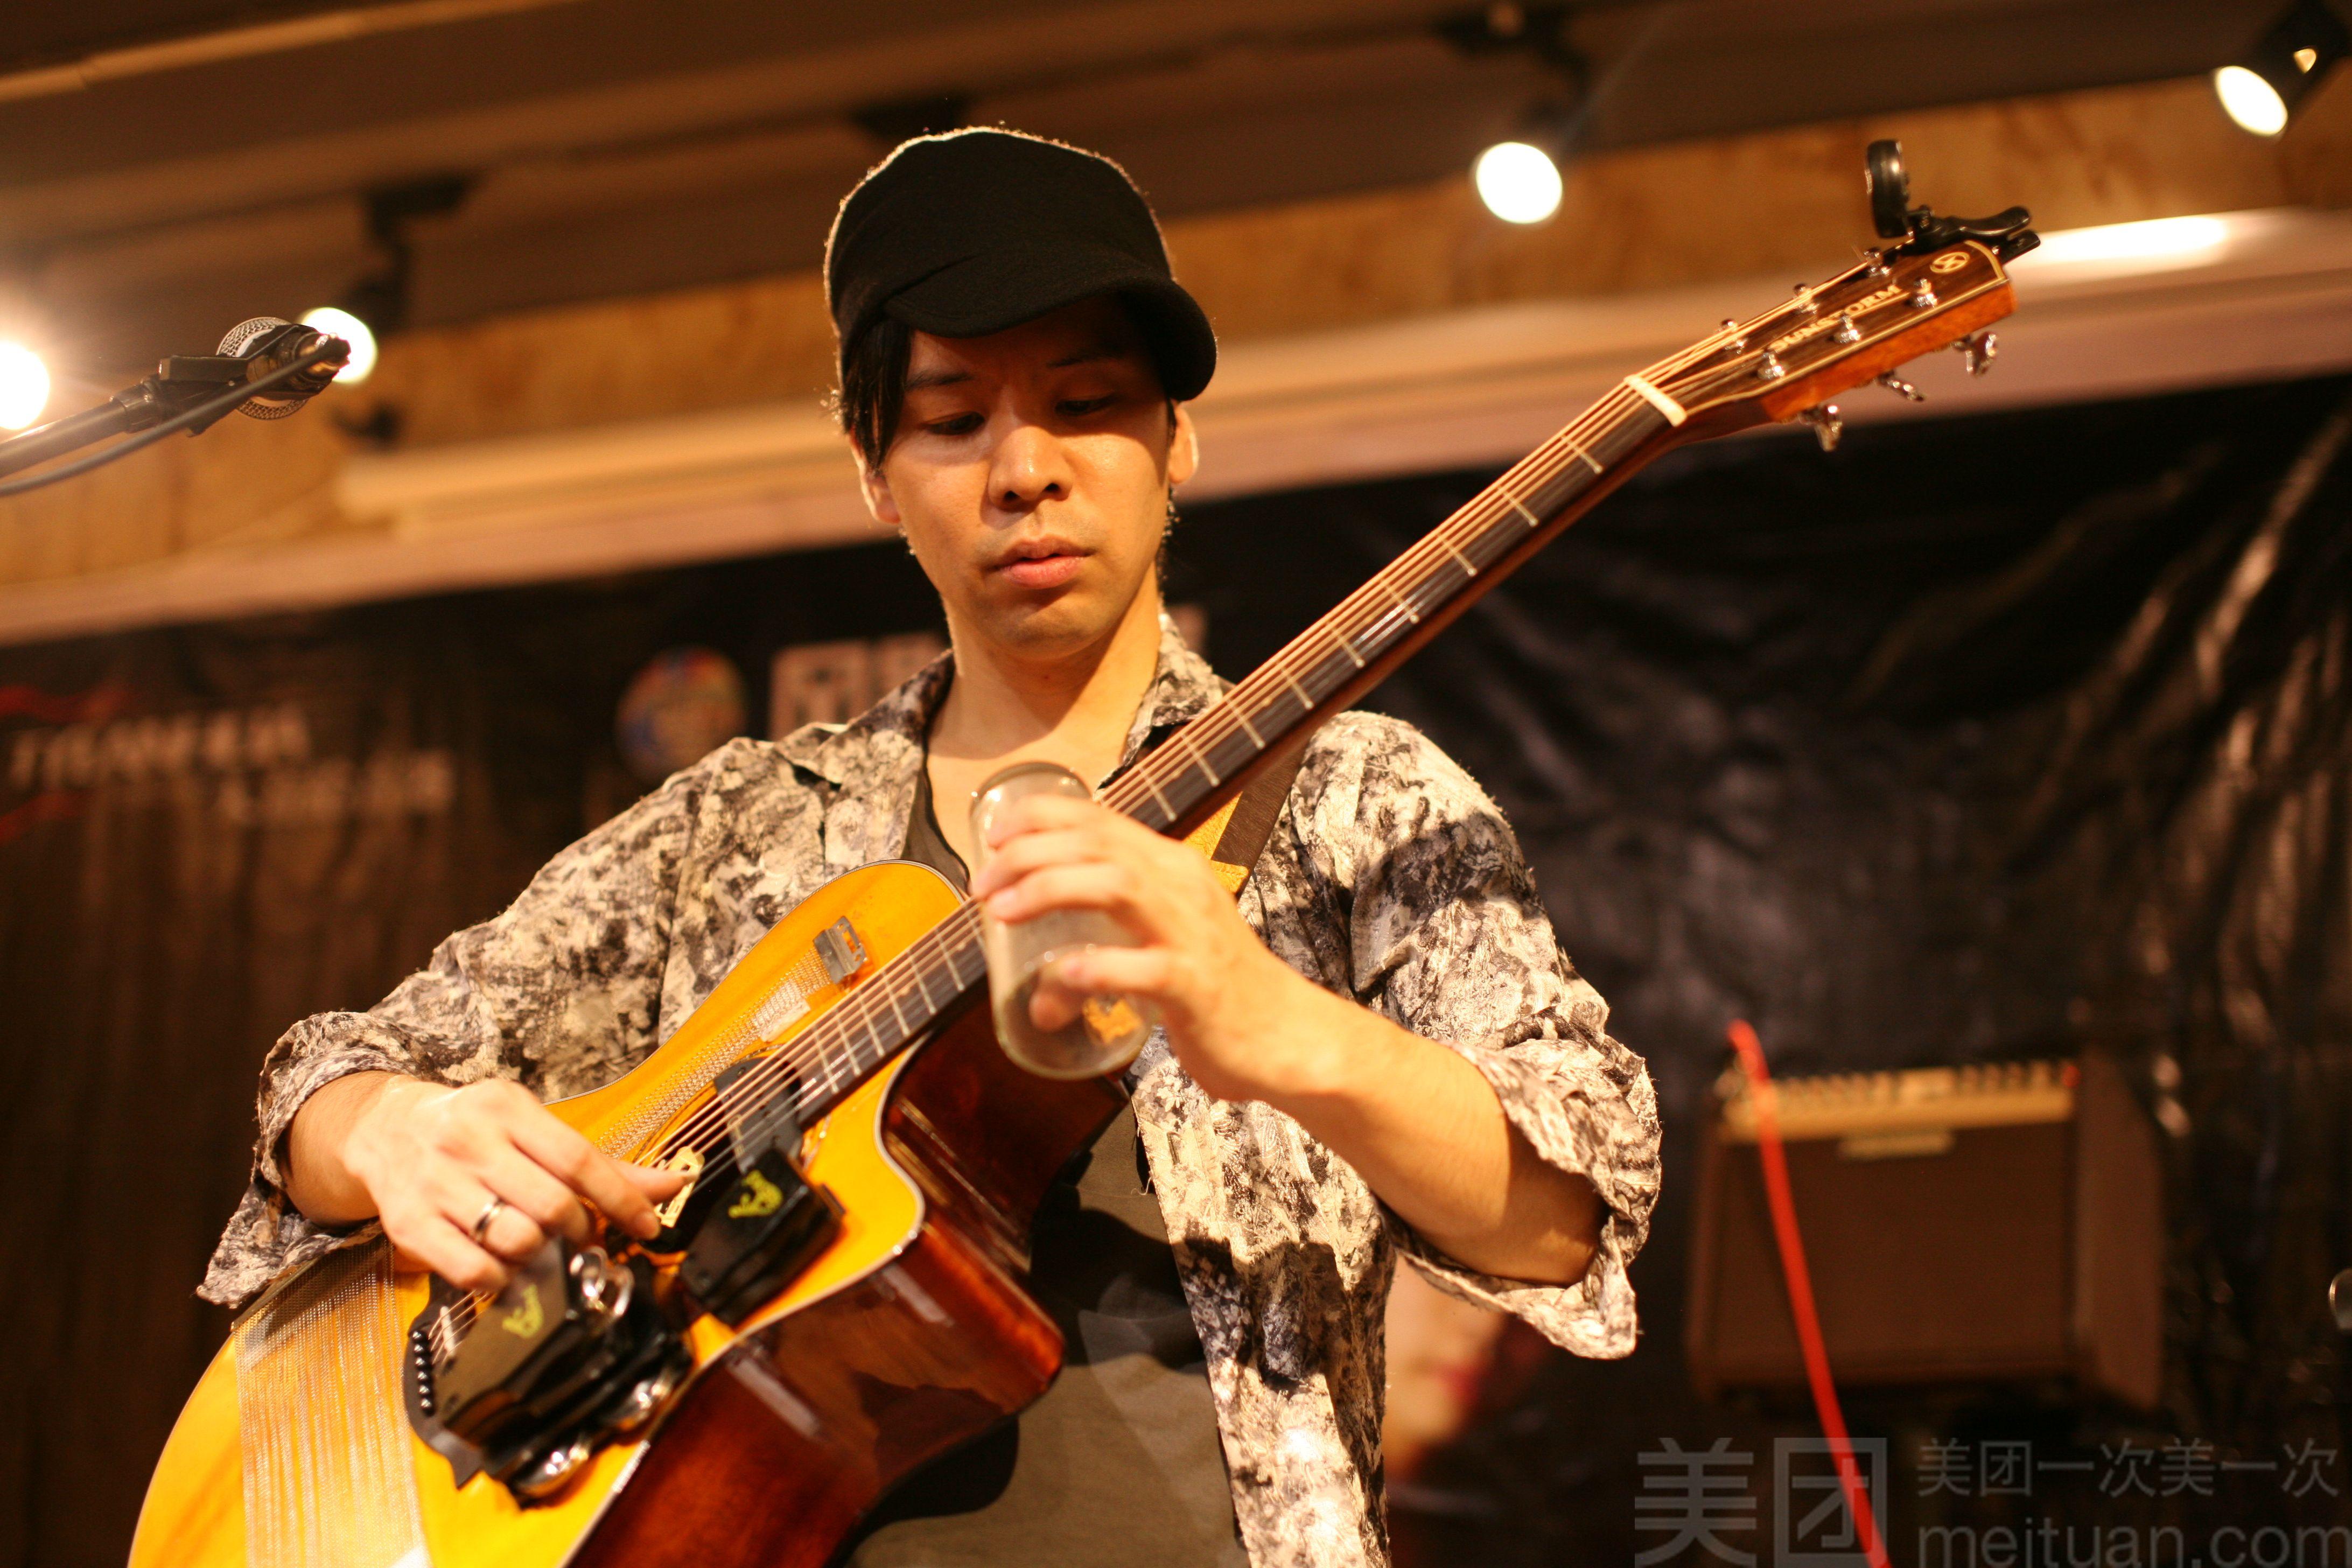 :长沙今日团购:【风影乐器】单人吉他10节课包会套餐